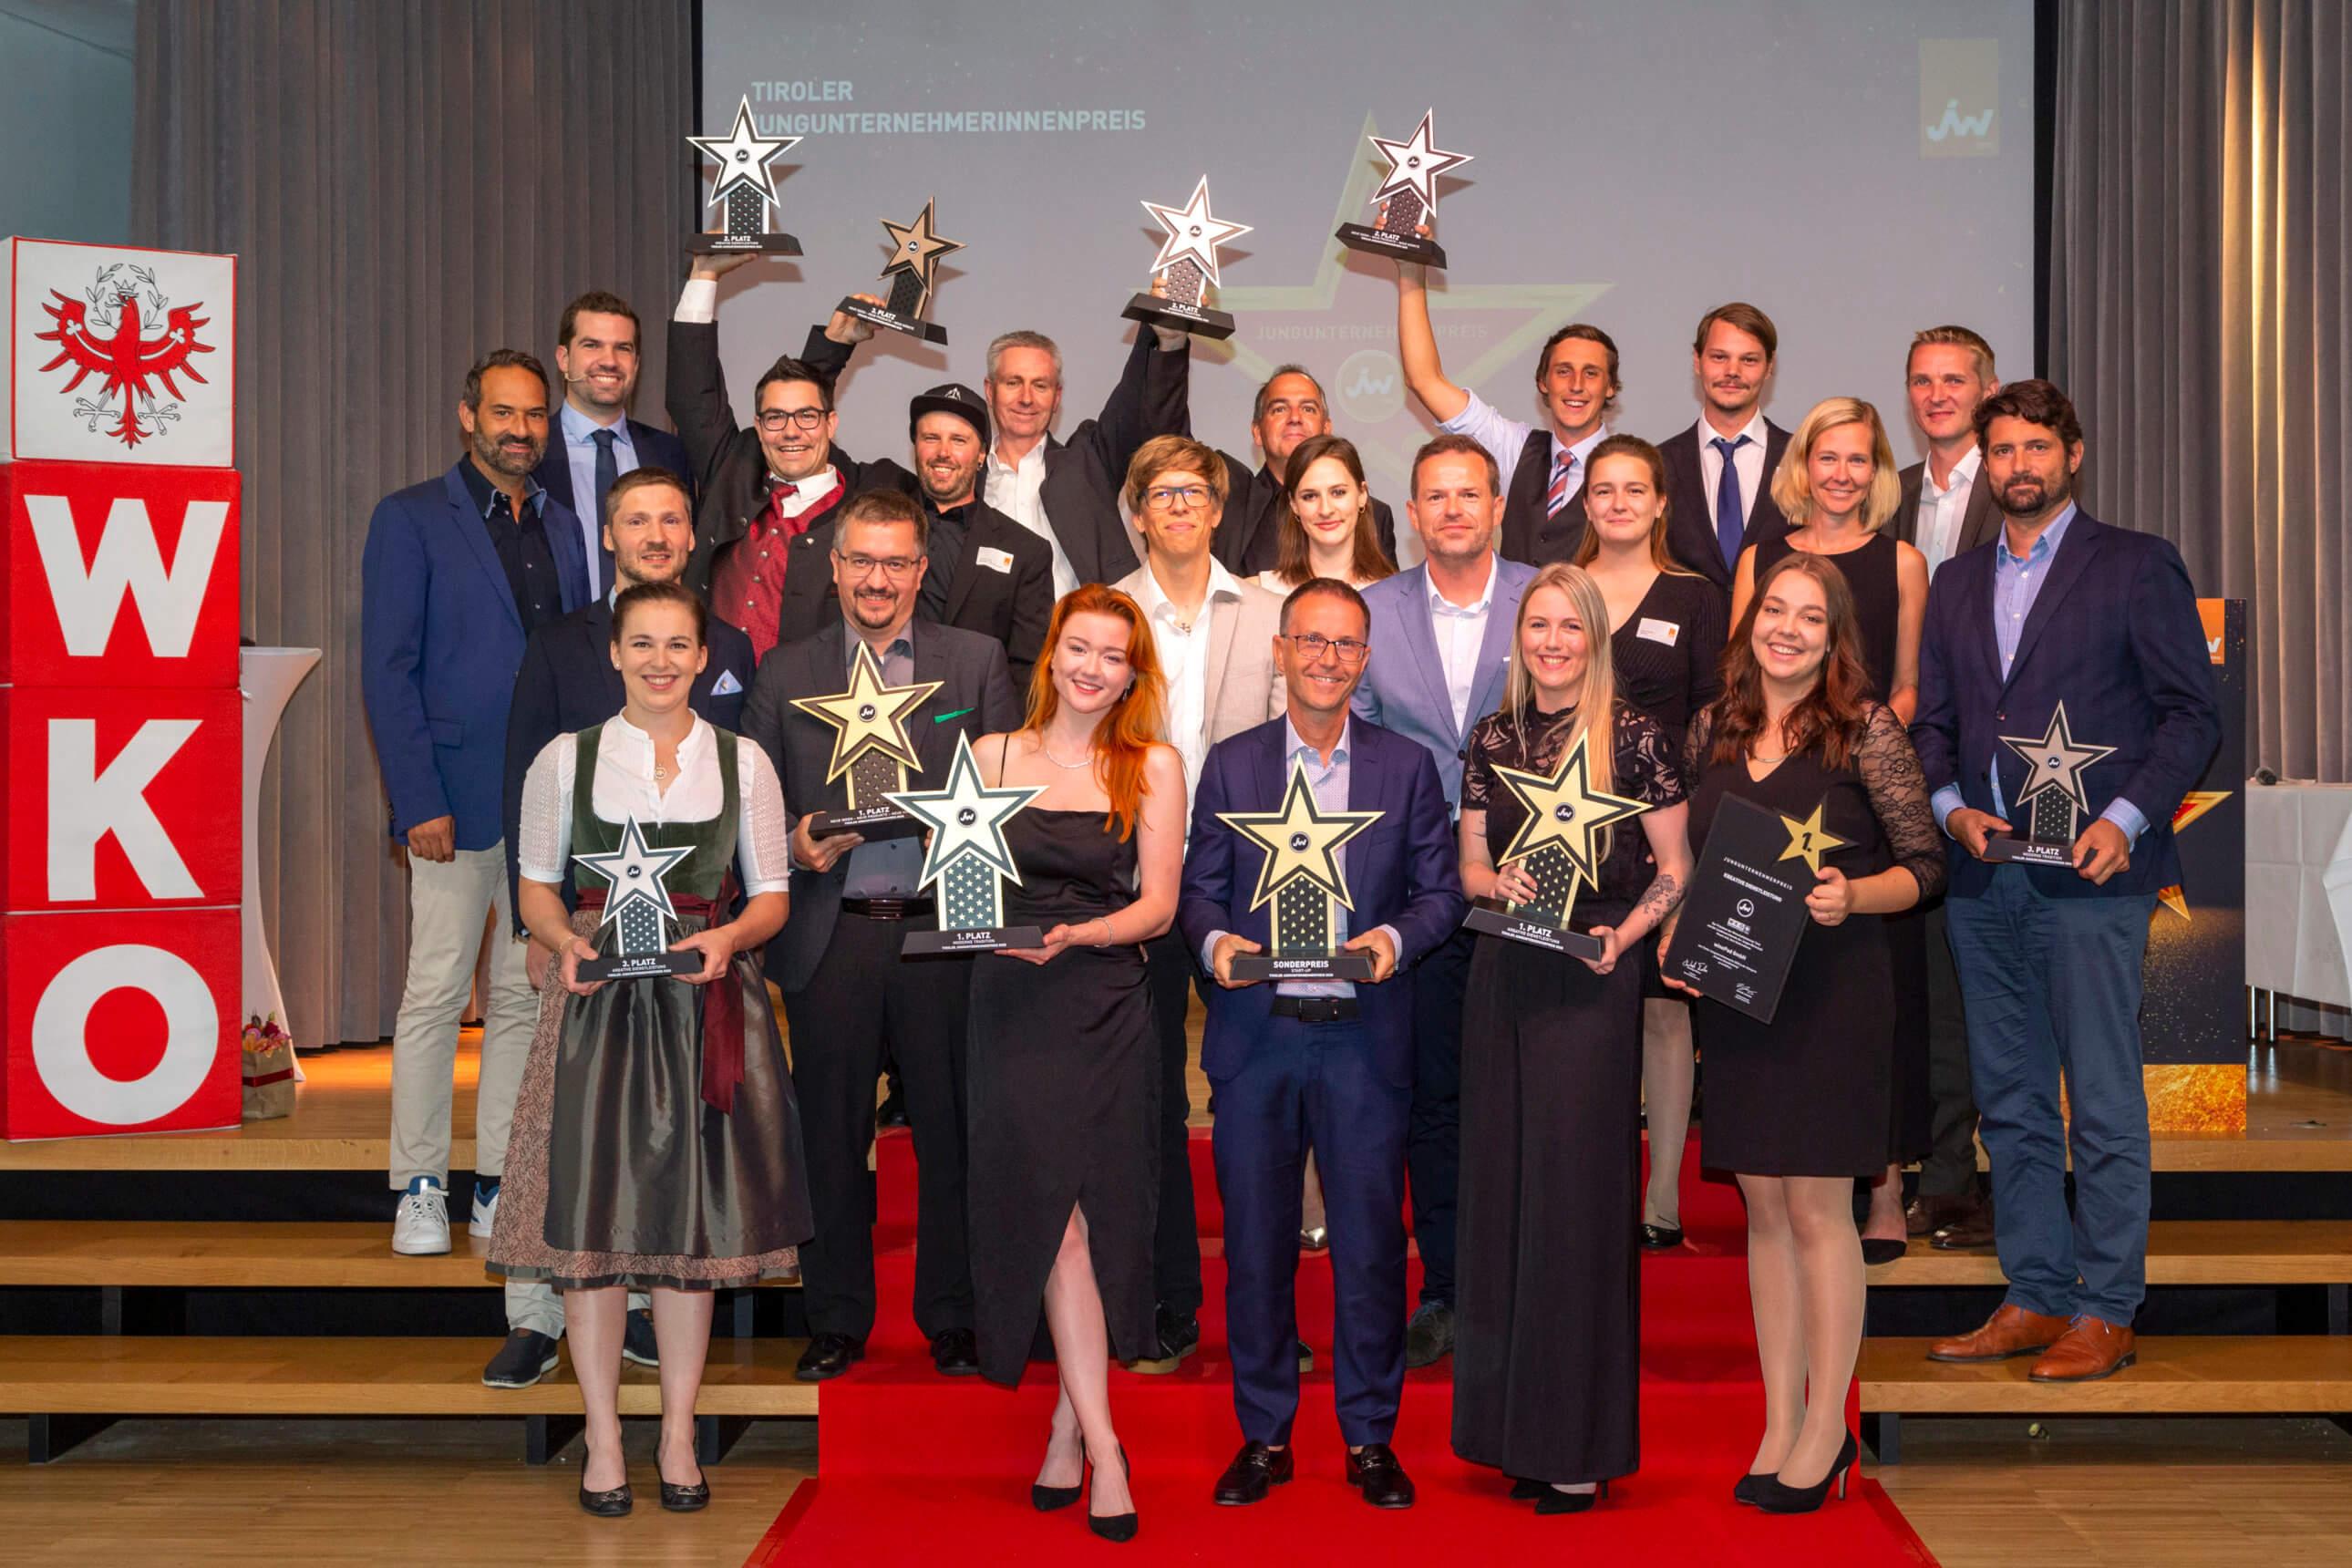 Das lange Warten hat sich gelohnt. Alle Preisträger des Tiroler Jungunternehmerpreises 2020 am walk of fame - gemeinsam mit Präsident Christoph Walser (2. Reihe ganz links), dem Landesvorsitzenden der Jungen Wirtschaft Tirol, Dominik Jenewein (dritte Reihe ganz links).